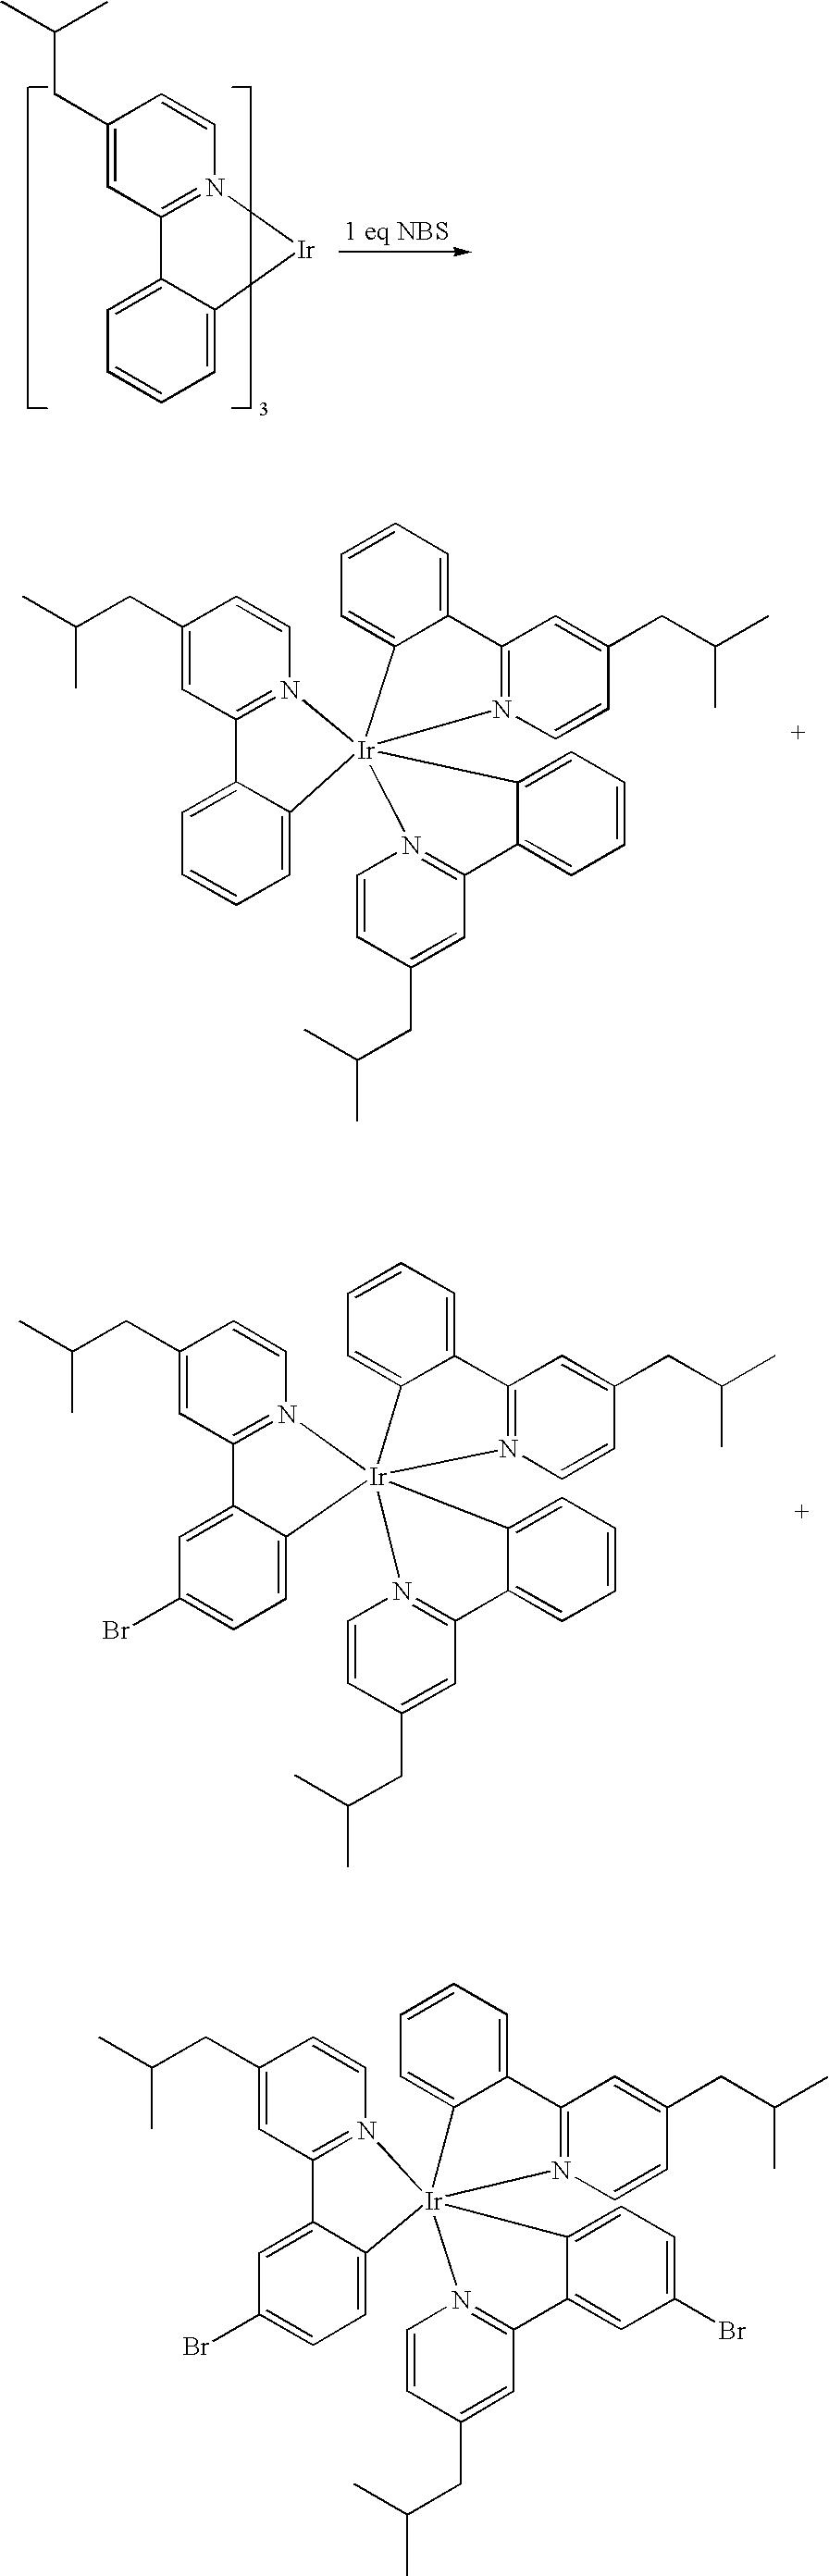 Figure US08519130-20130827-C00046